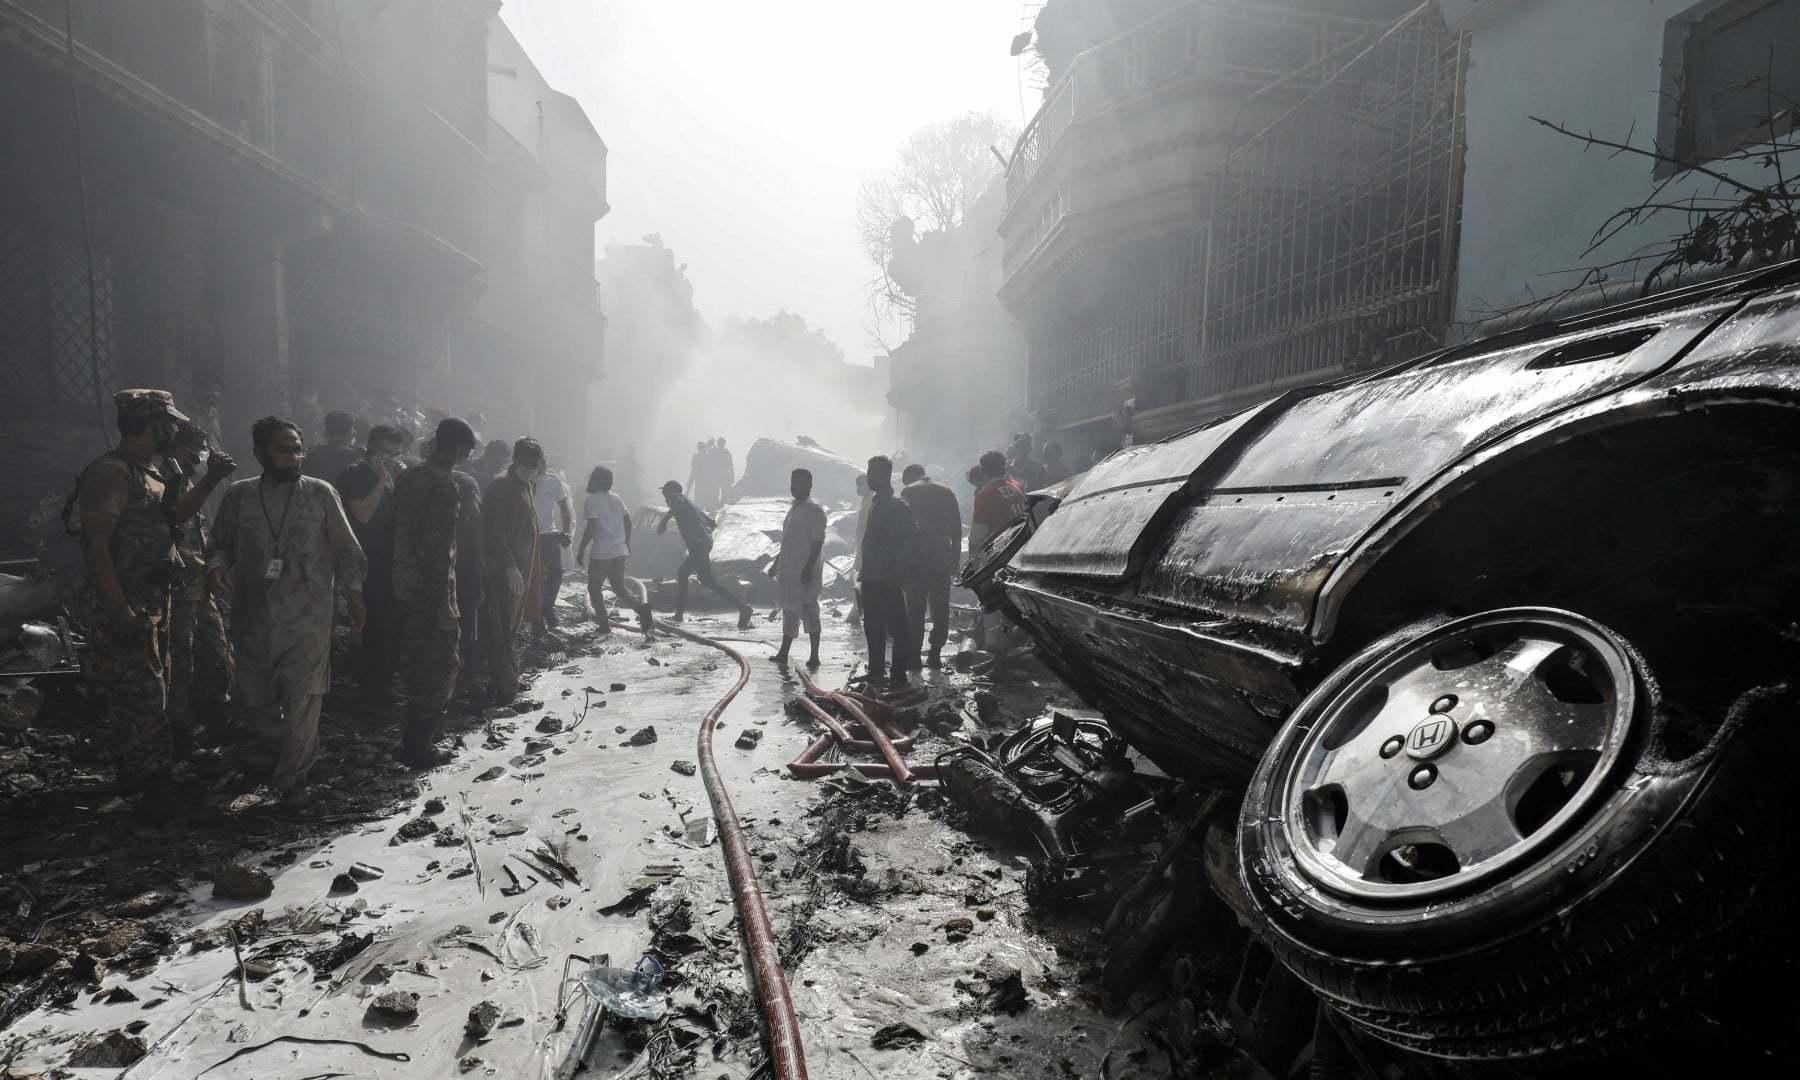 شہریوں نے بھی امدادی کام میں رضاکاروں کا ساتھ دیا—فوٹو:رائٹرز